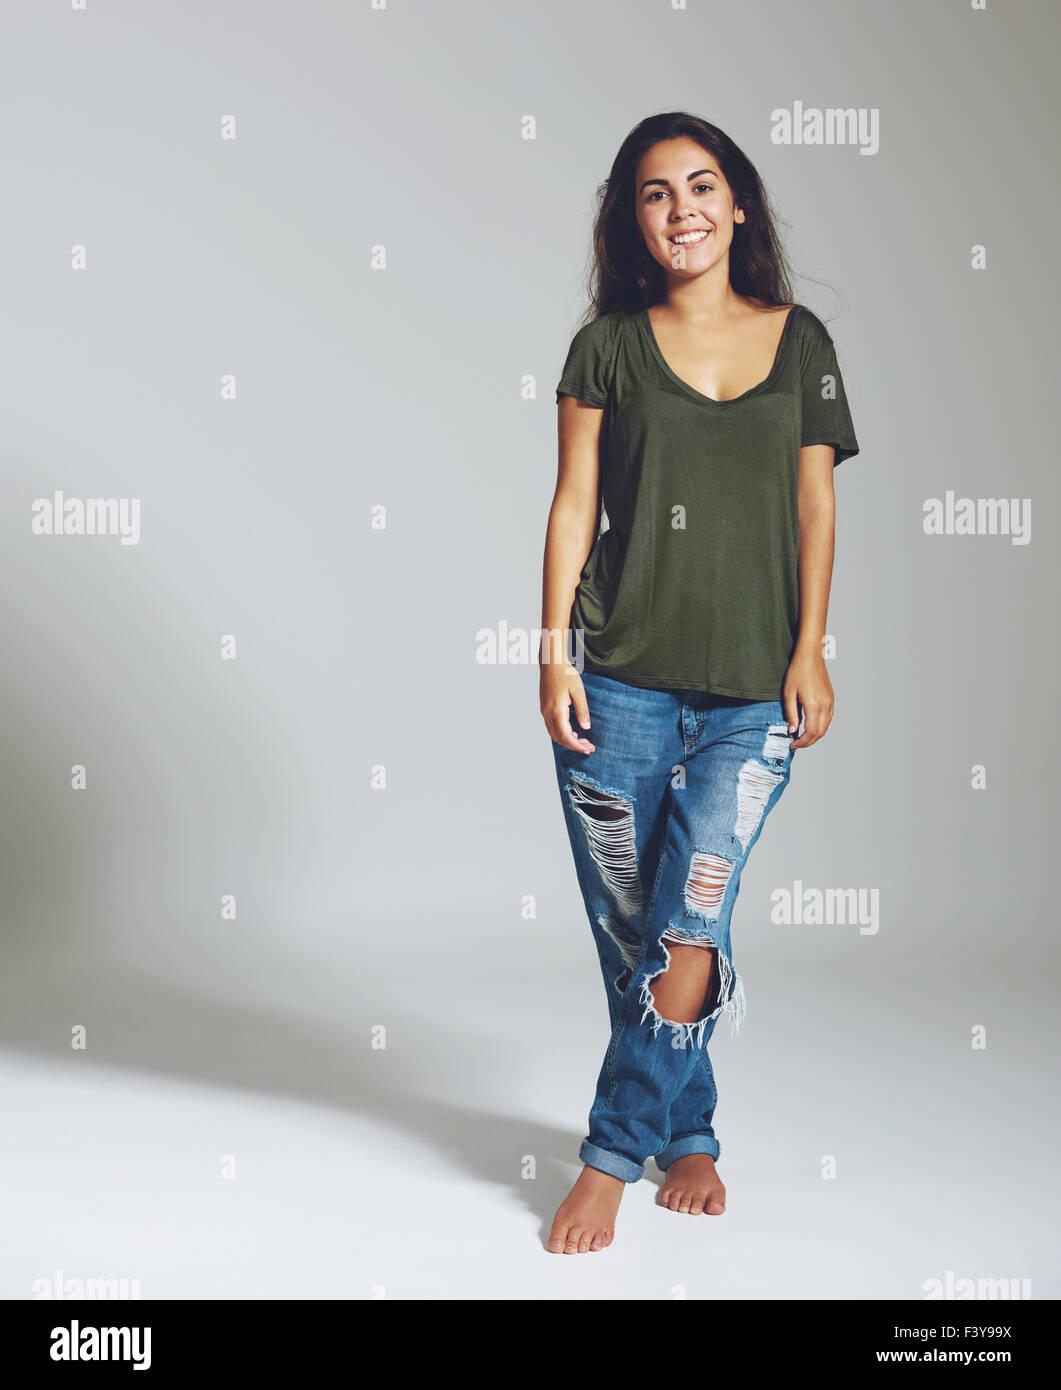 Portrait d'une femme en jeans et une chemise. Portrait isolé Photo Stock